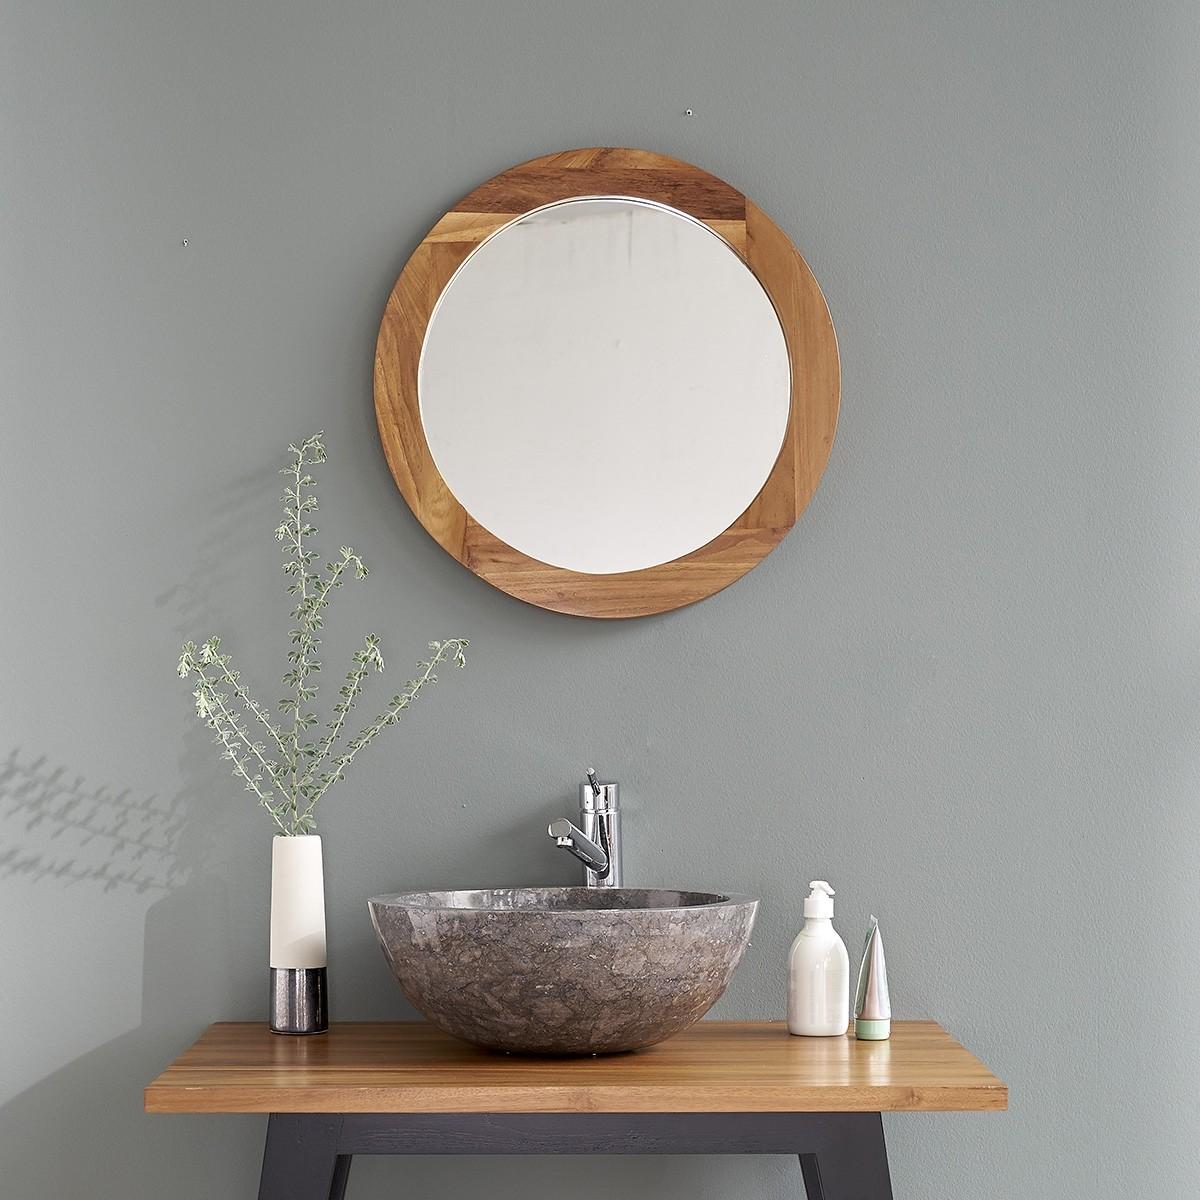 miroir rond en bois de teck bois dessus bois dessous. Black Bedroom Furniture Sets. Home Design Ideas